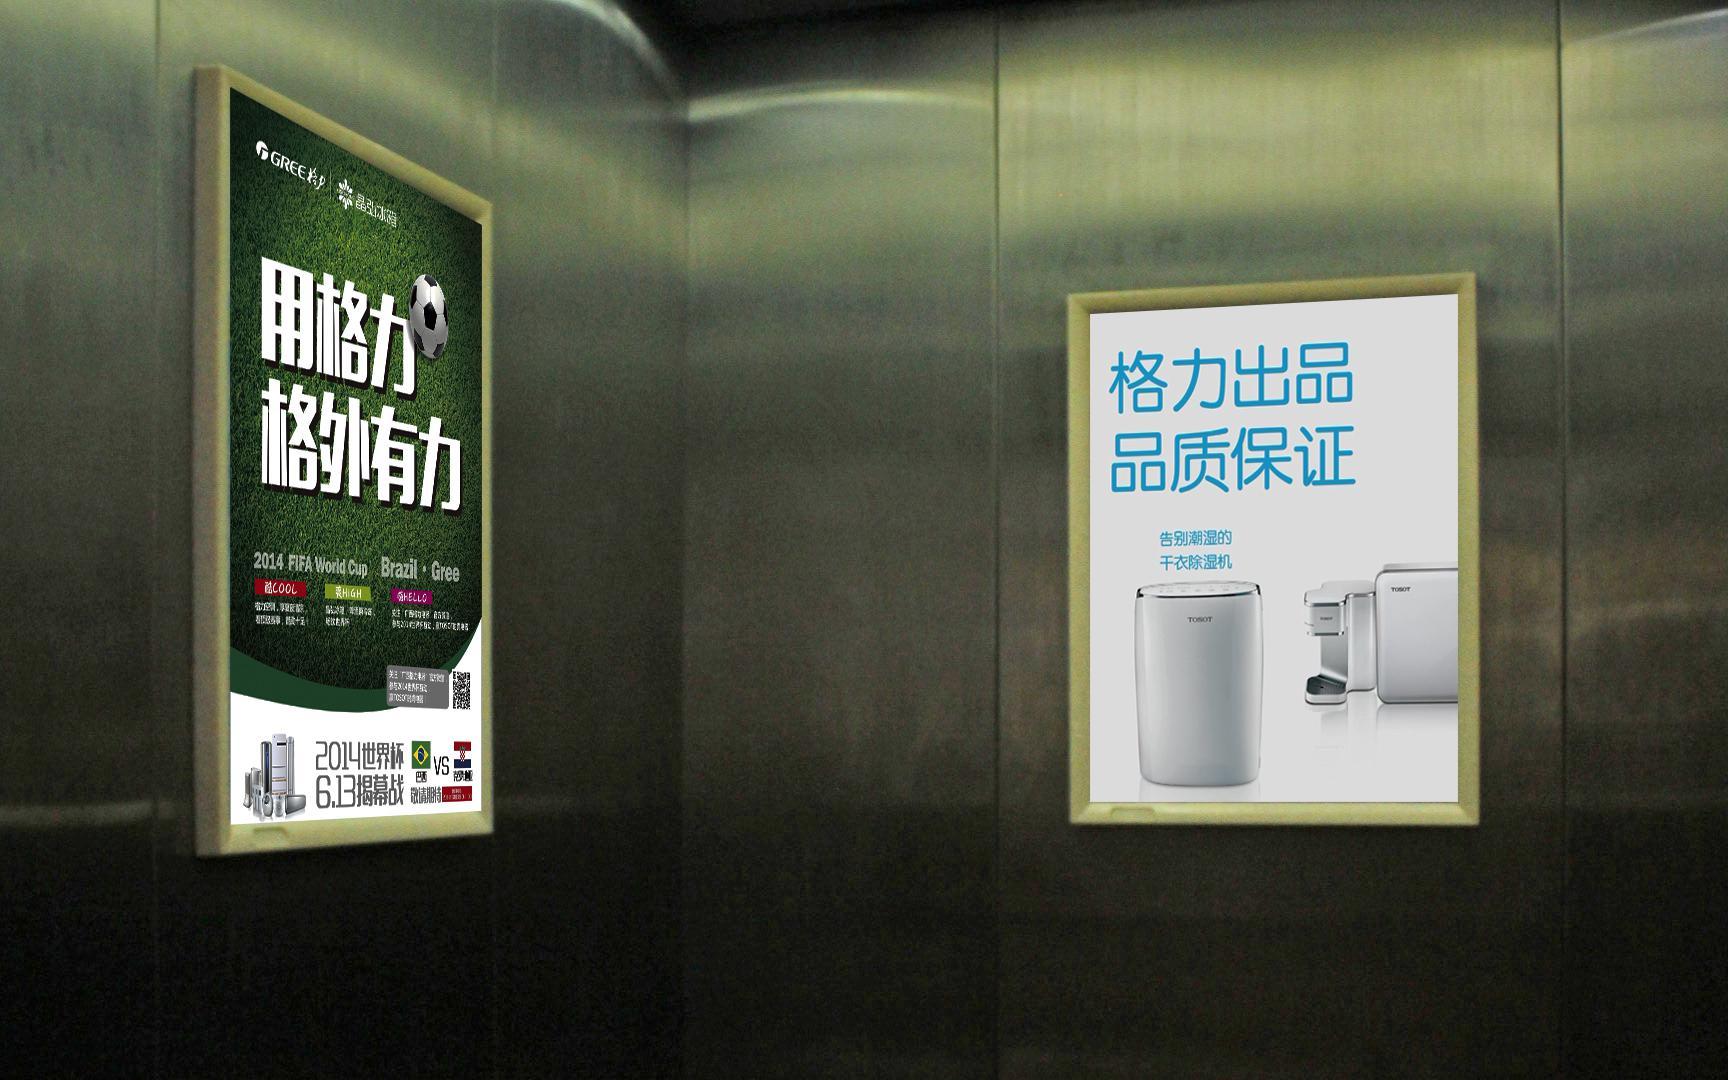 为什么说电梯广告媒体是实现终端消费的有效场景